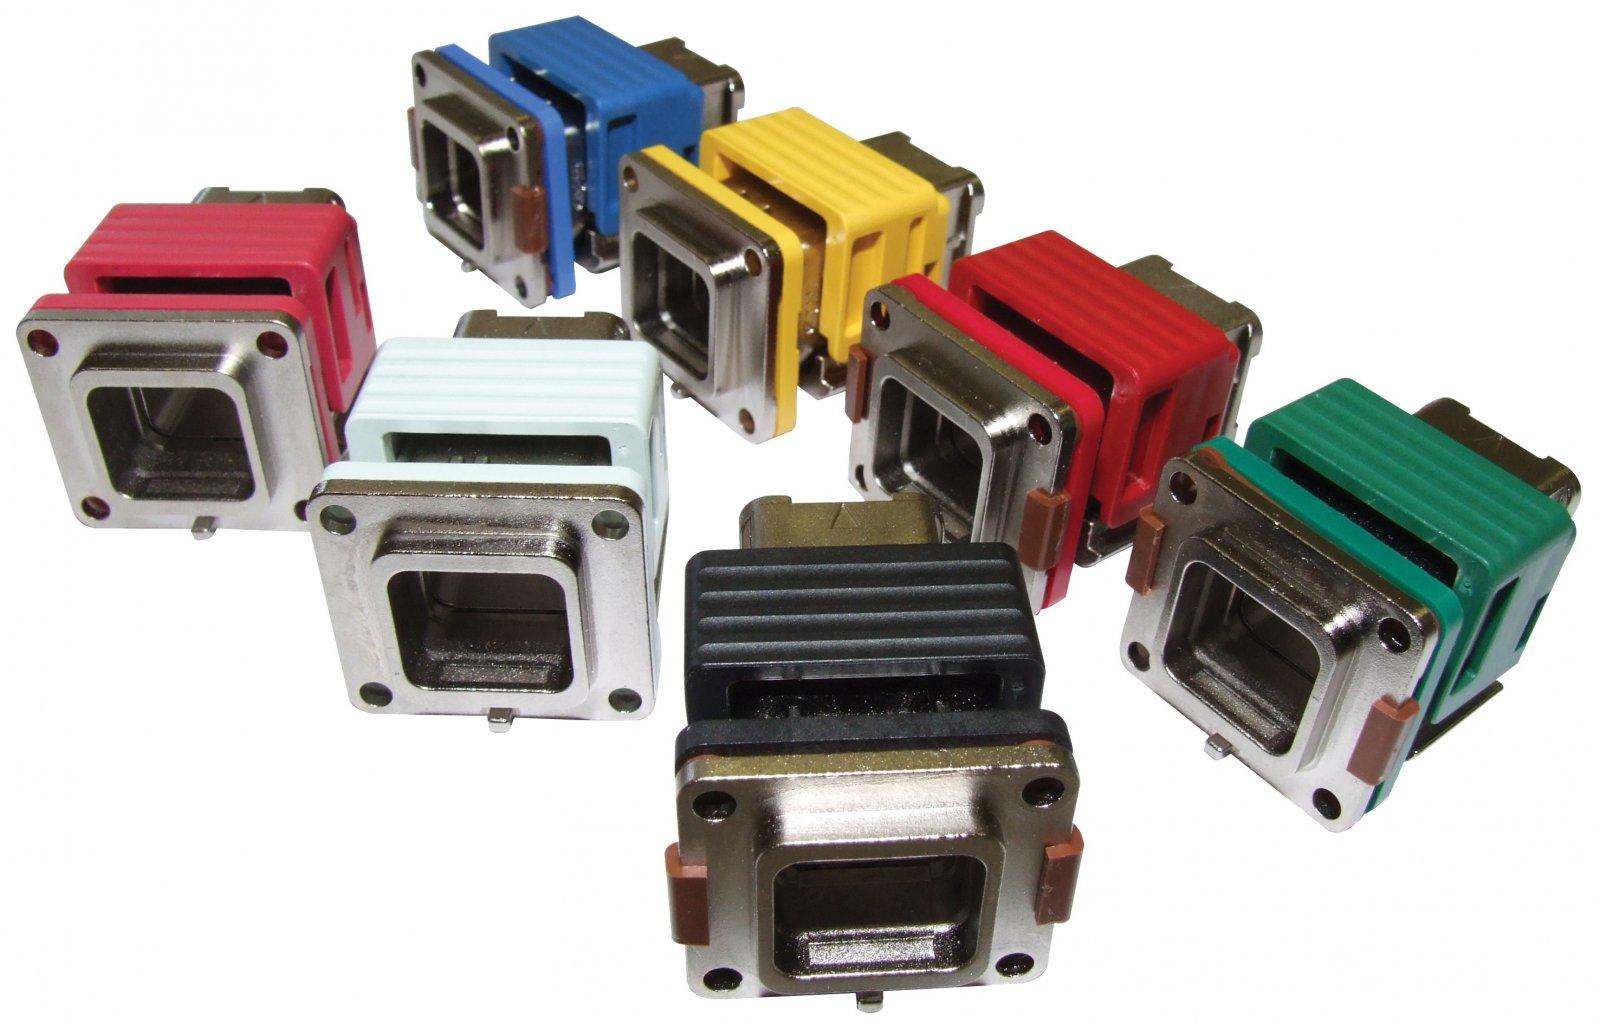 nuevos-conectores-militares-serie-en4165sim-monomodular-arinc-809-de-amphenol-air-lb